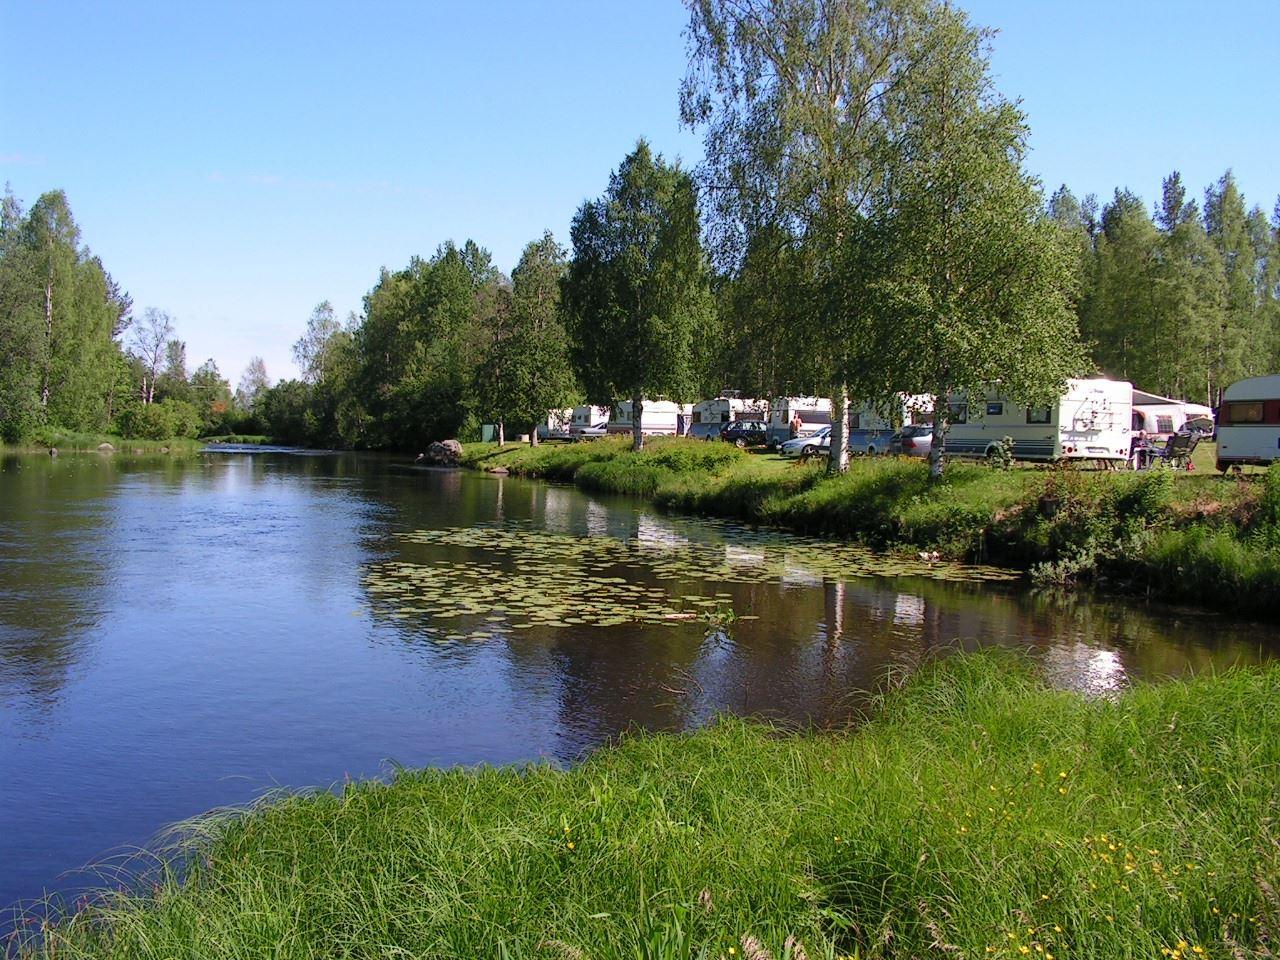 Bureå Camping/Cottages